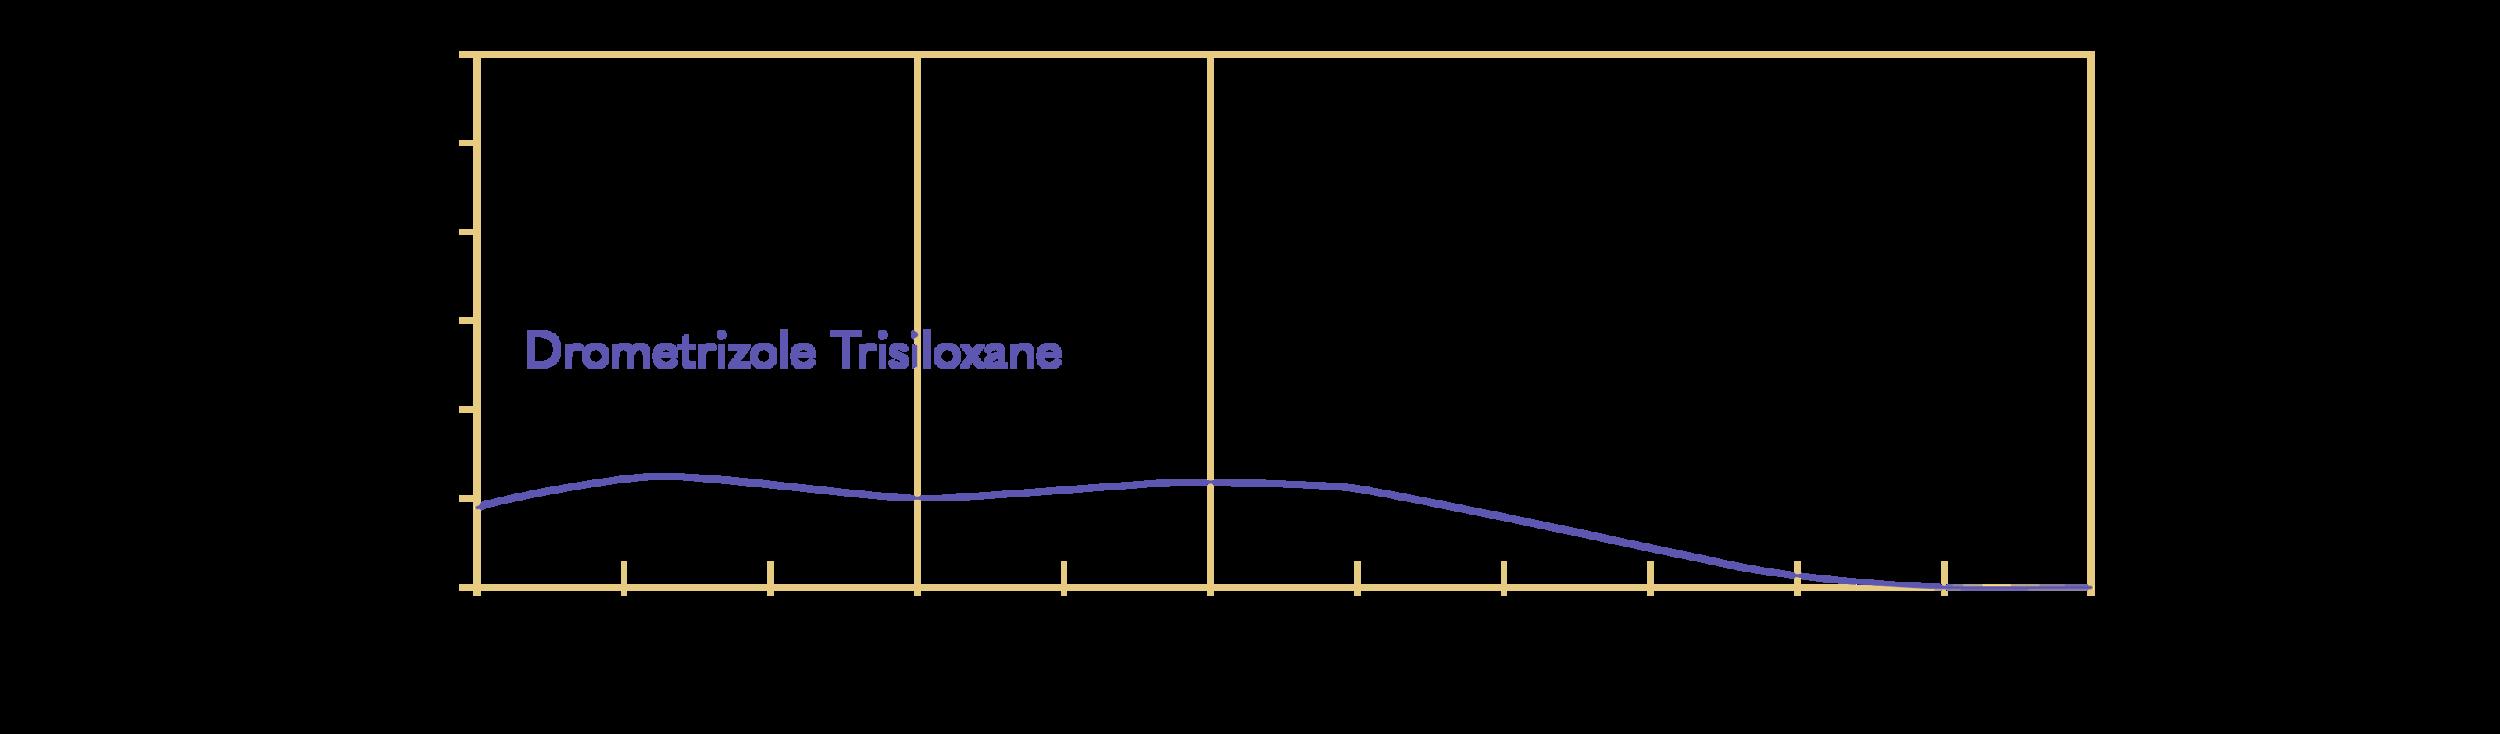 INCI: Drometrizole Trisiloxane; Mexoryl XL (L'Oréal)